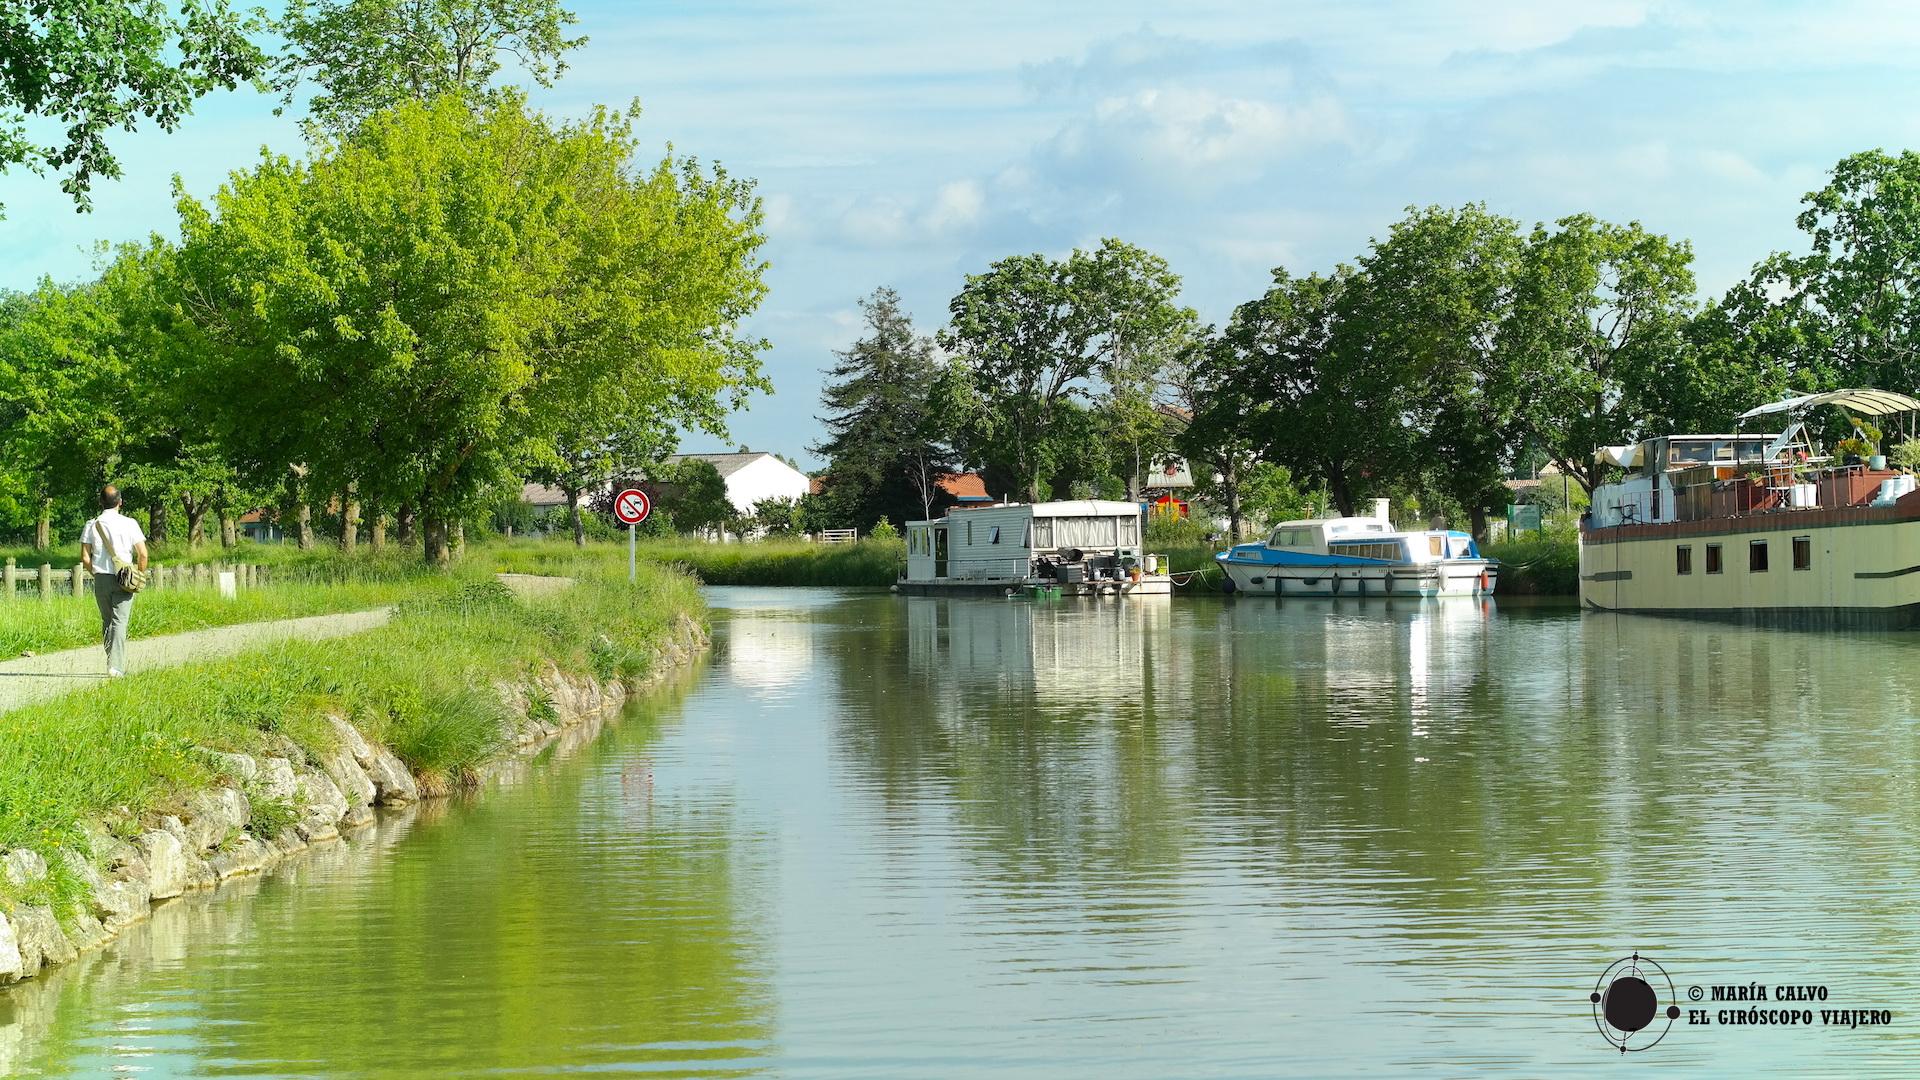 Si desean hacer una ruta en barco por el Canal del Midi o de la Garona, escríbannos